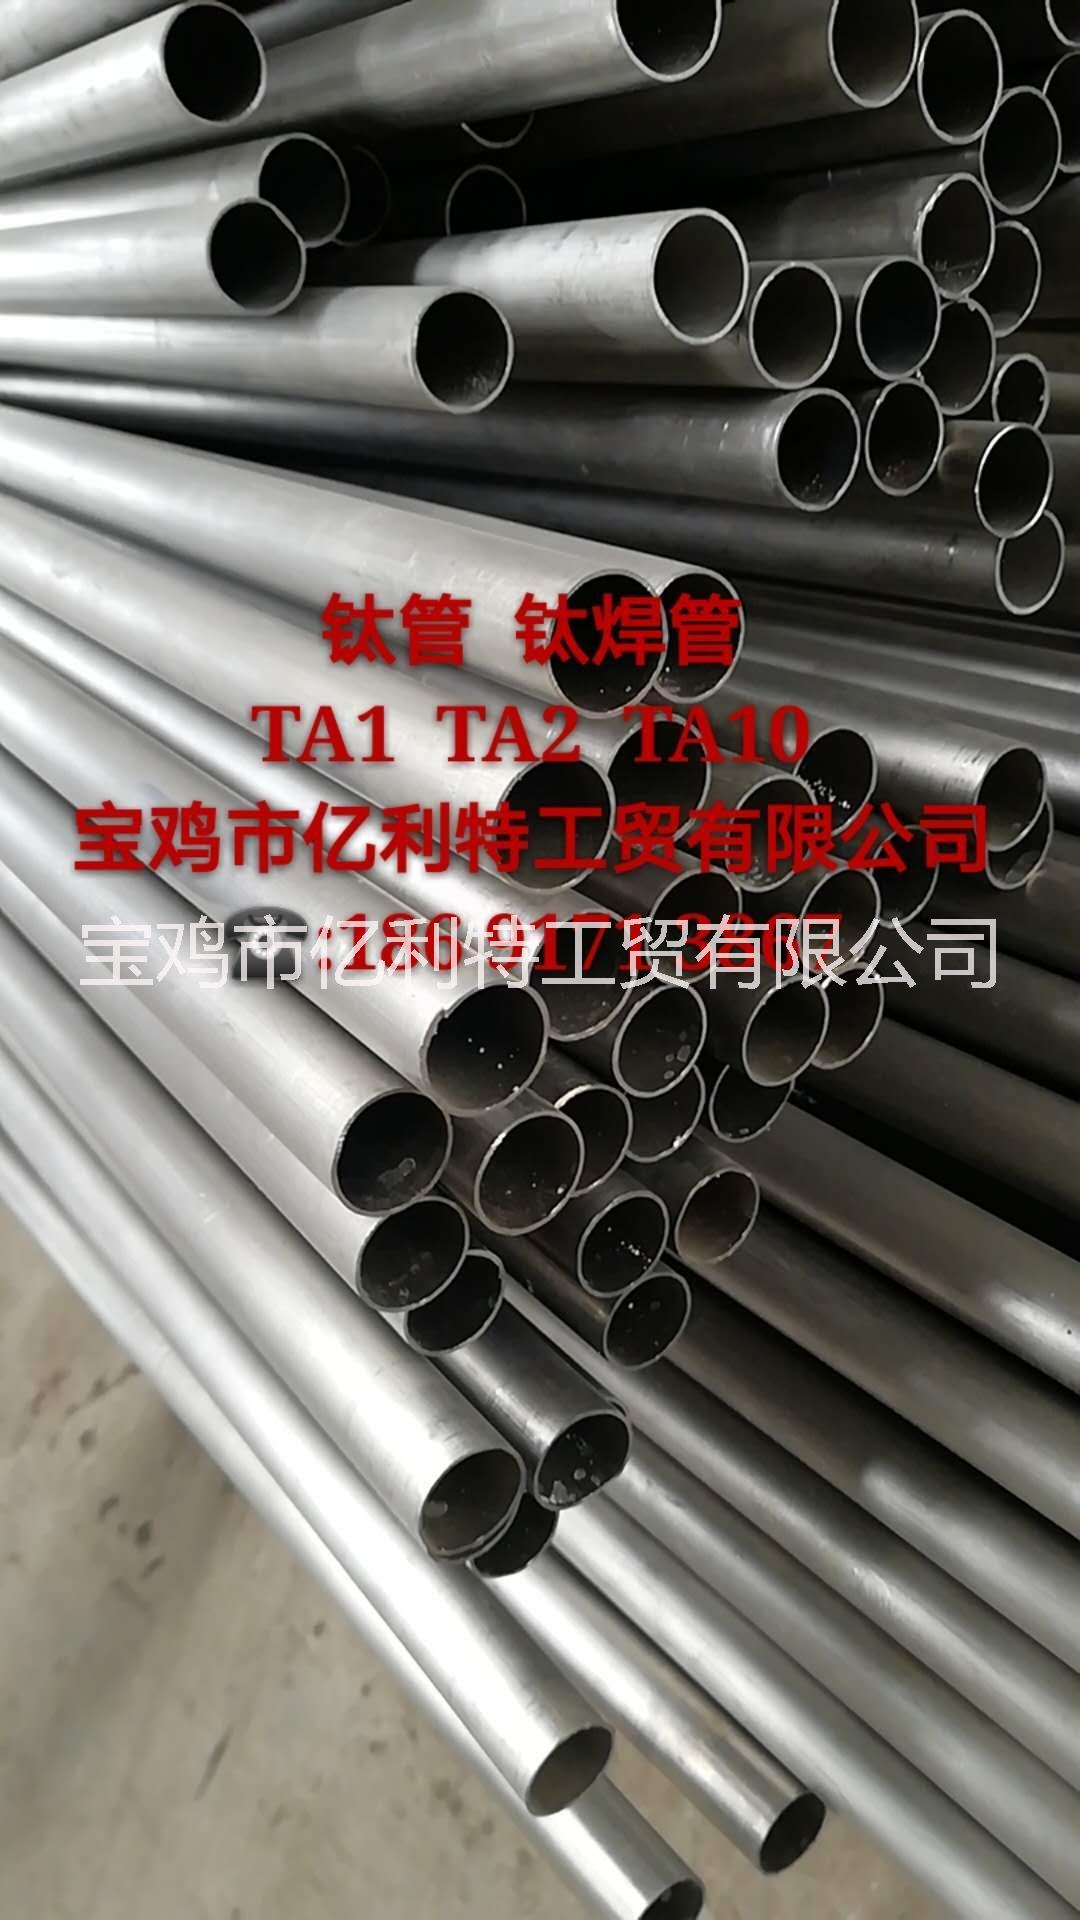 现货供应 耐酸碱腐蚀 钛管 无缝钛管 钛管 无缝钛管 钛毛细管